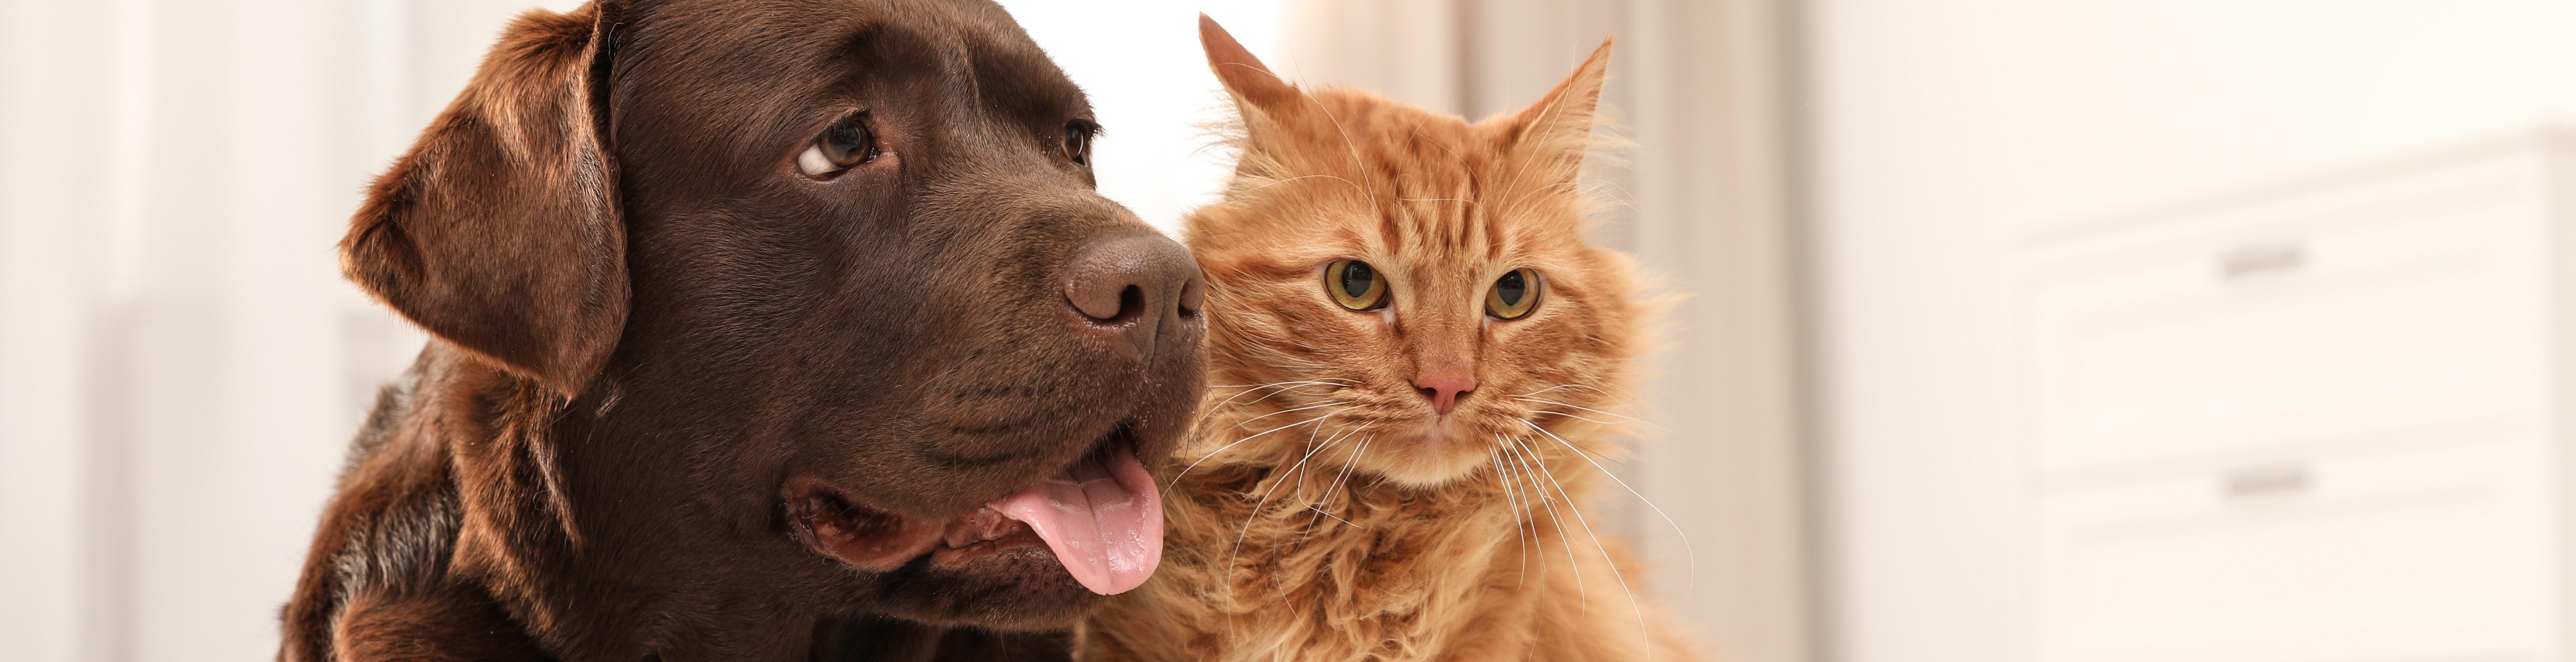 Pet Friendly Spaces